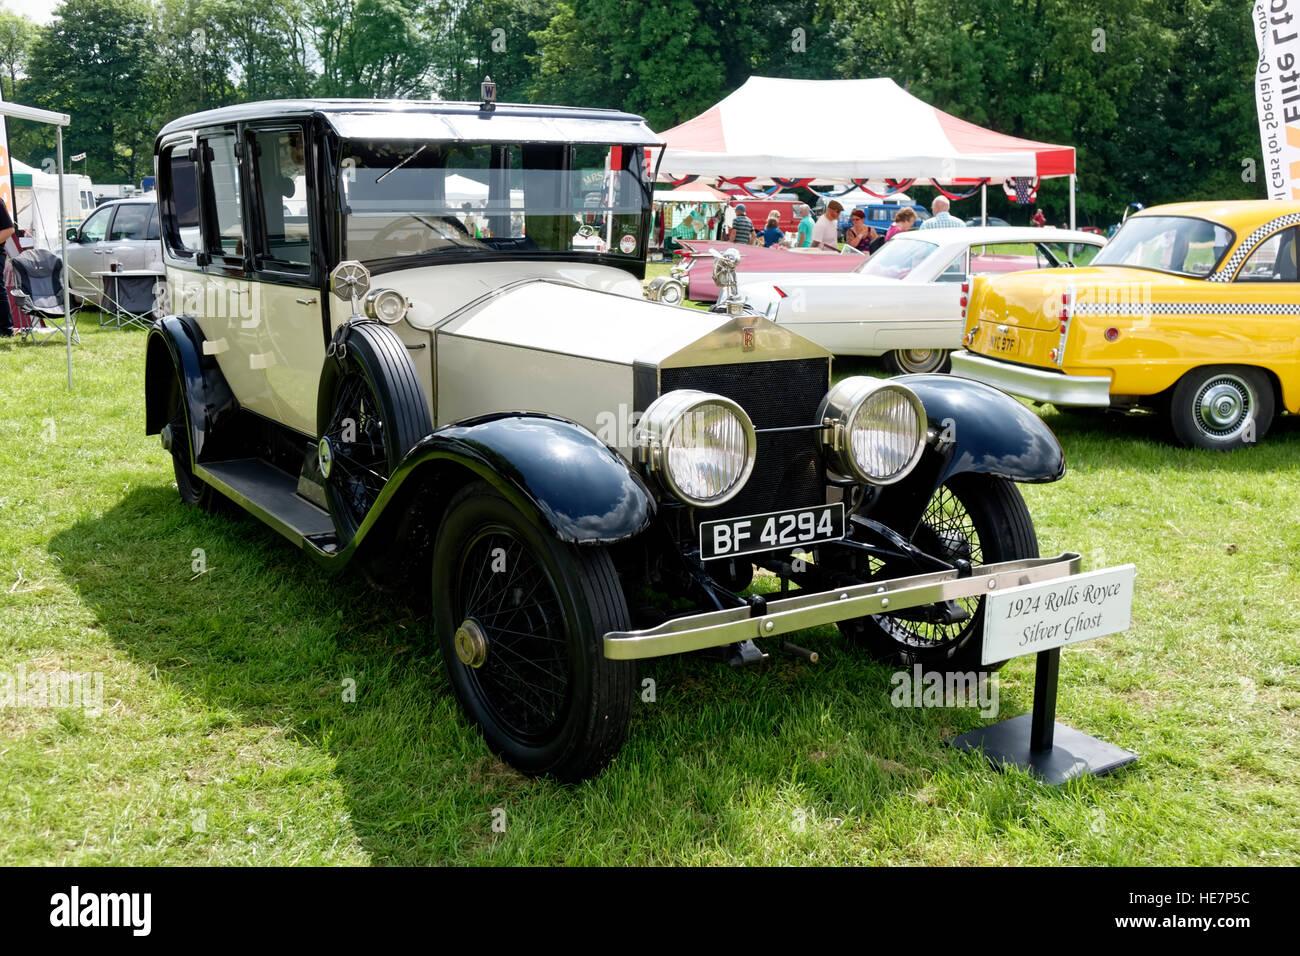 Un 1924 Rolls Royce Silver Ghost en el 2014 Stockton Nostalgia muestran, Wiltshire, Reino Unido. Imagen De Stock